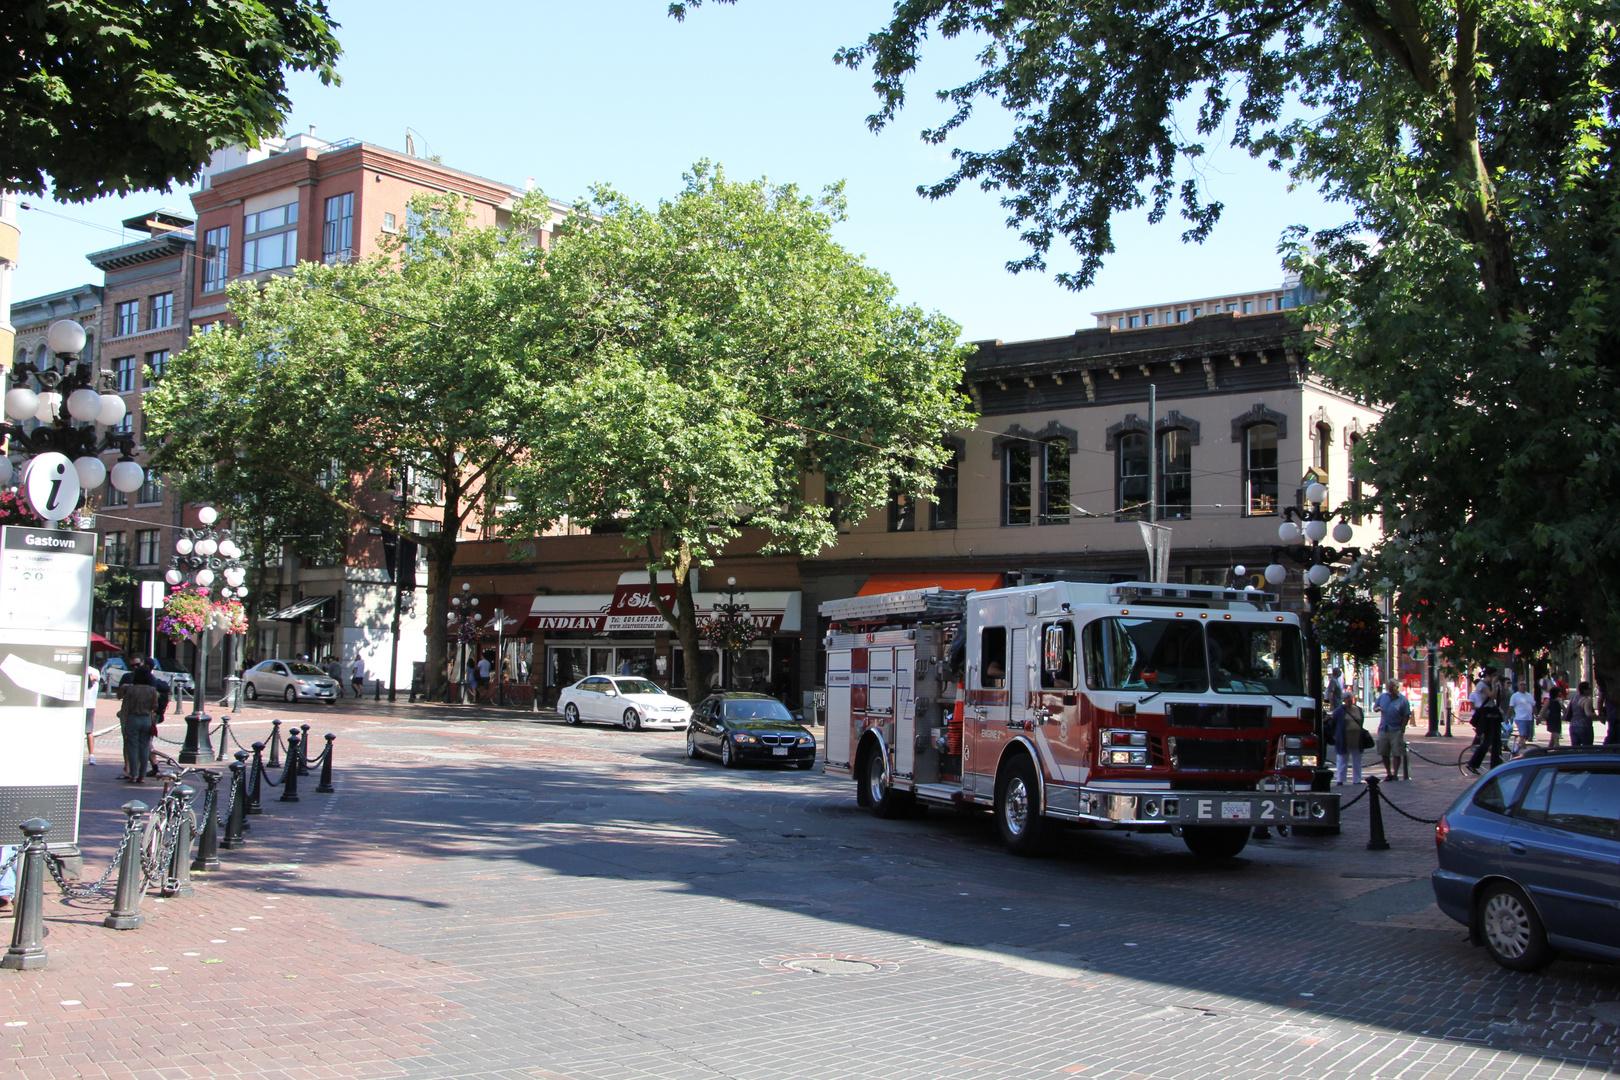 Noch ein Feuerwehrwagen